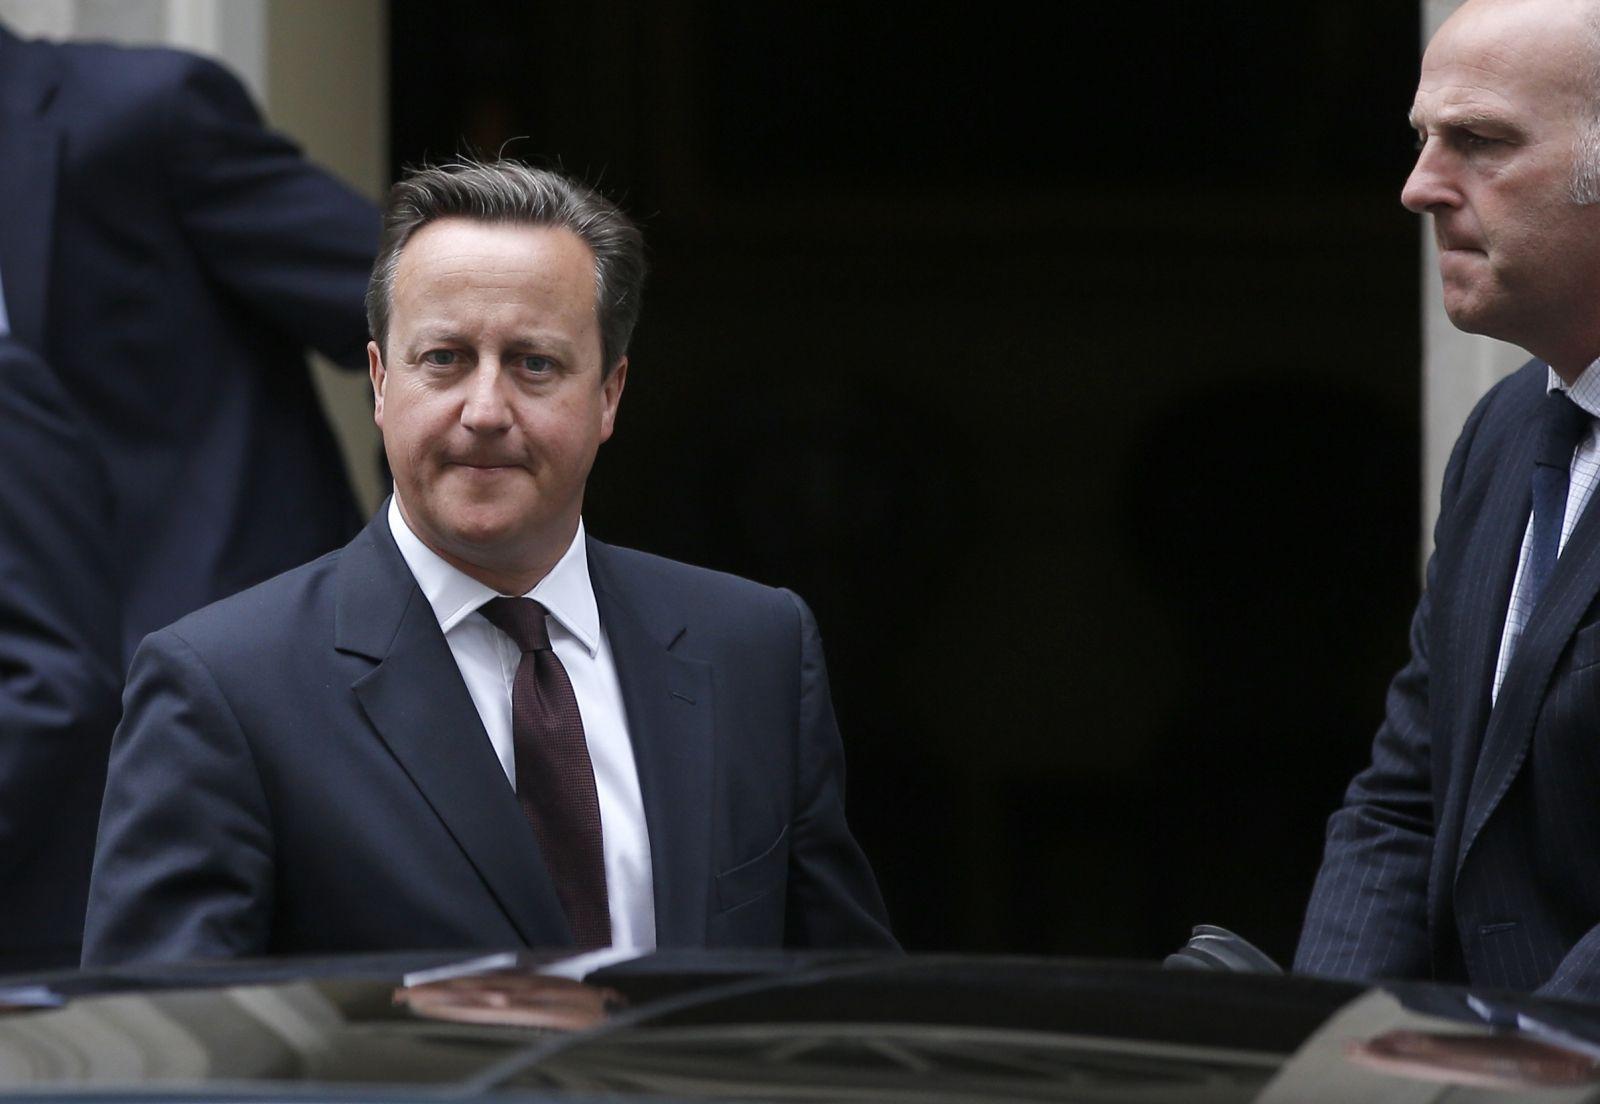 David Cameron Reyaad Khan